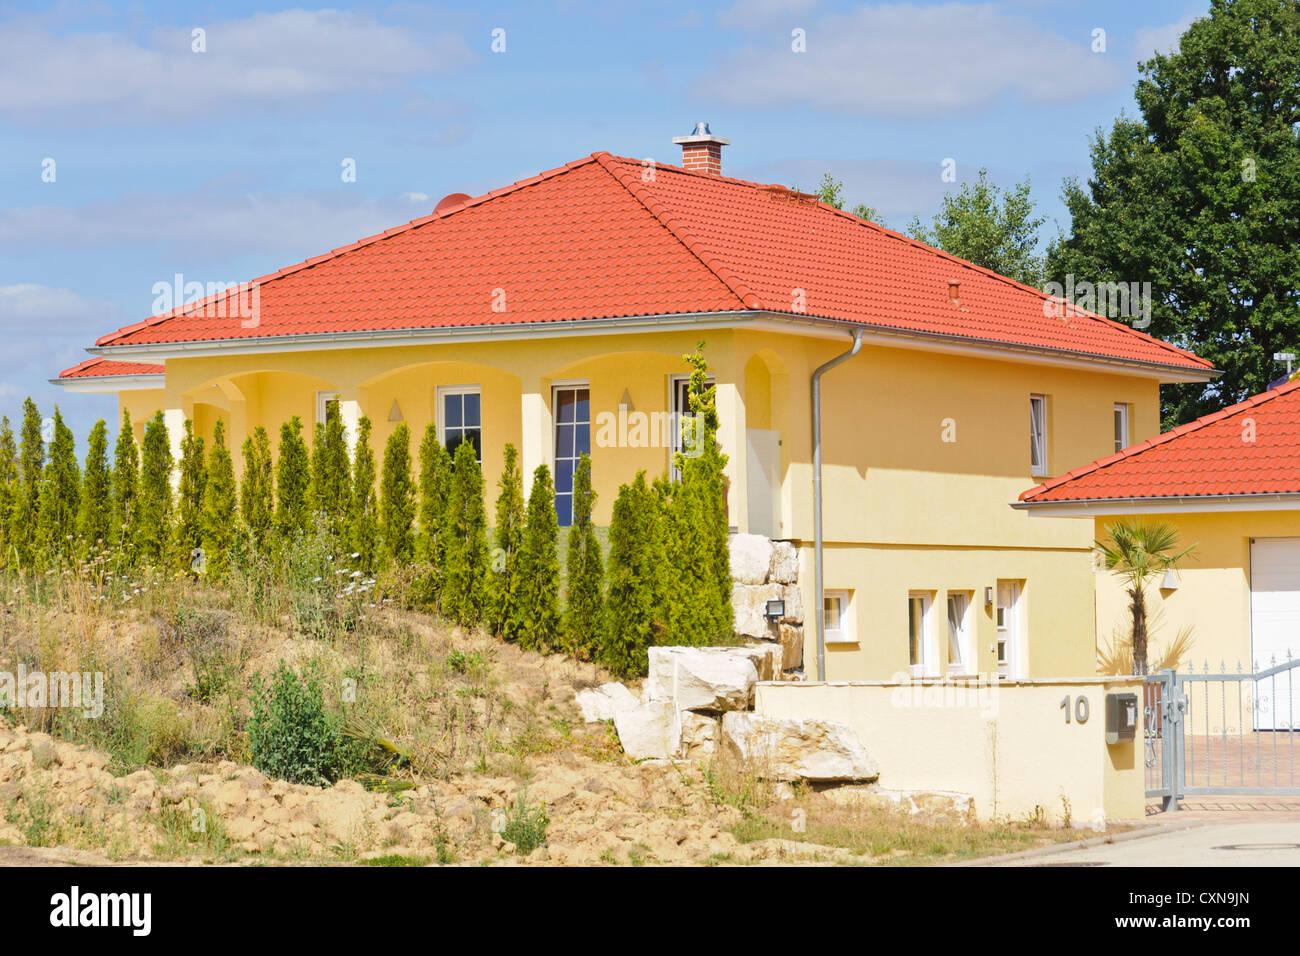 Mediterrane Architektur mediterrane architektur residenz einfamilienhaus mit gefliesten rot